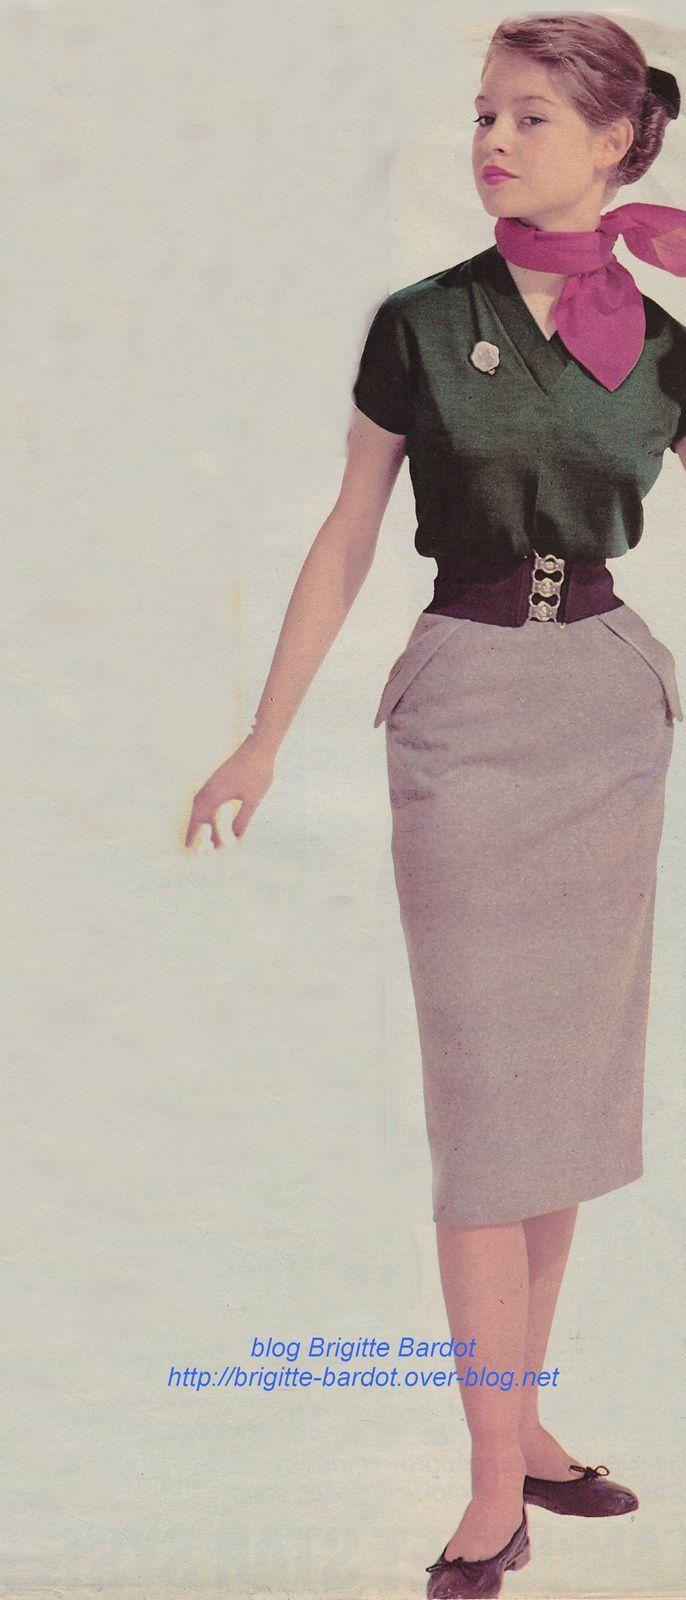 Brigitte Bardot : La classe, la beauté...un engagement sans faille pour les animaux !